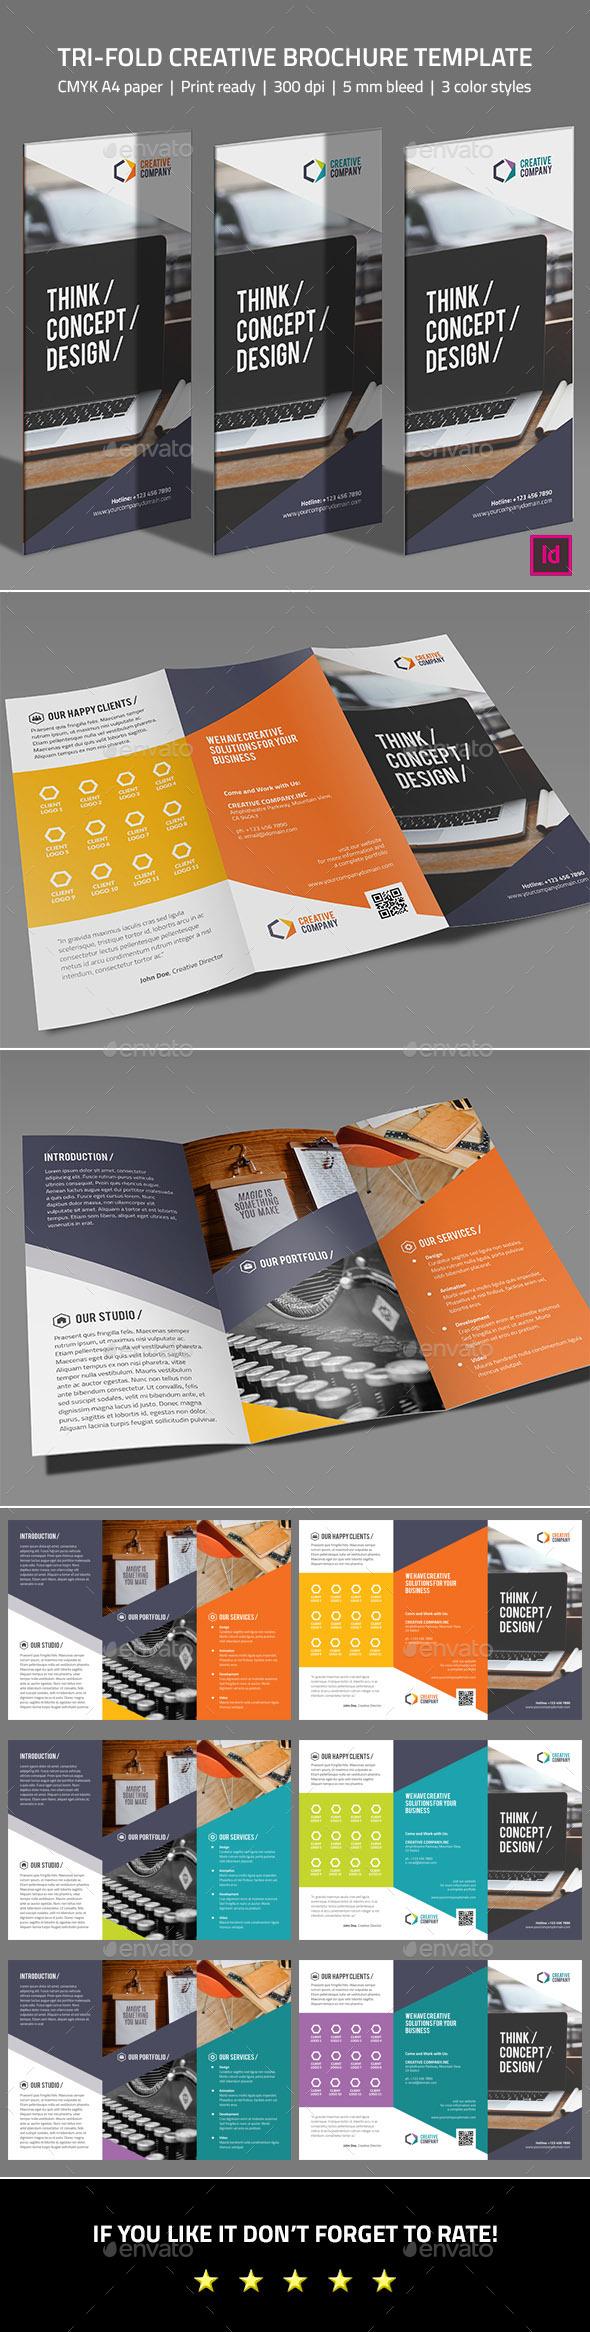 Tri-fold Creative Brochure Template - Corporate Brochures